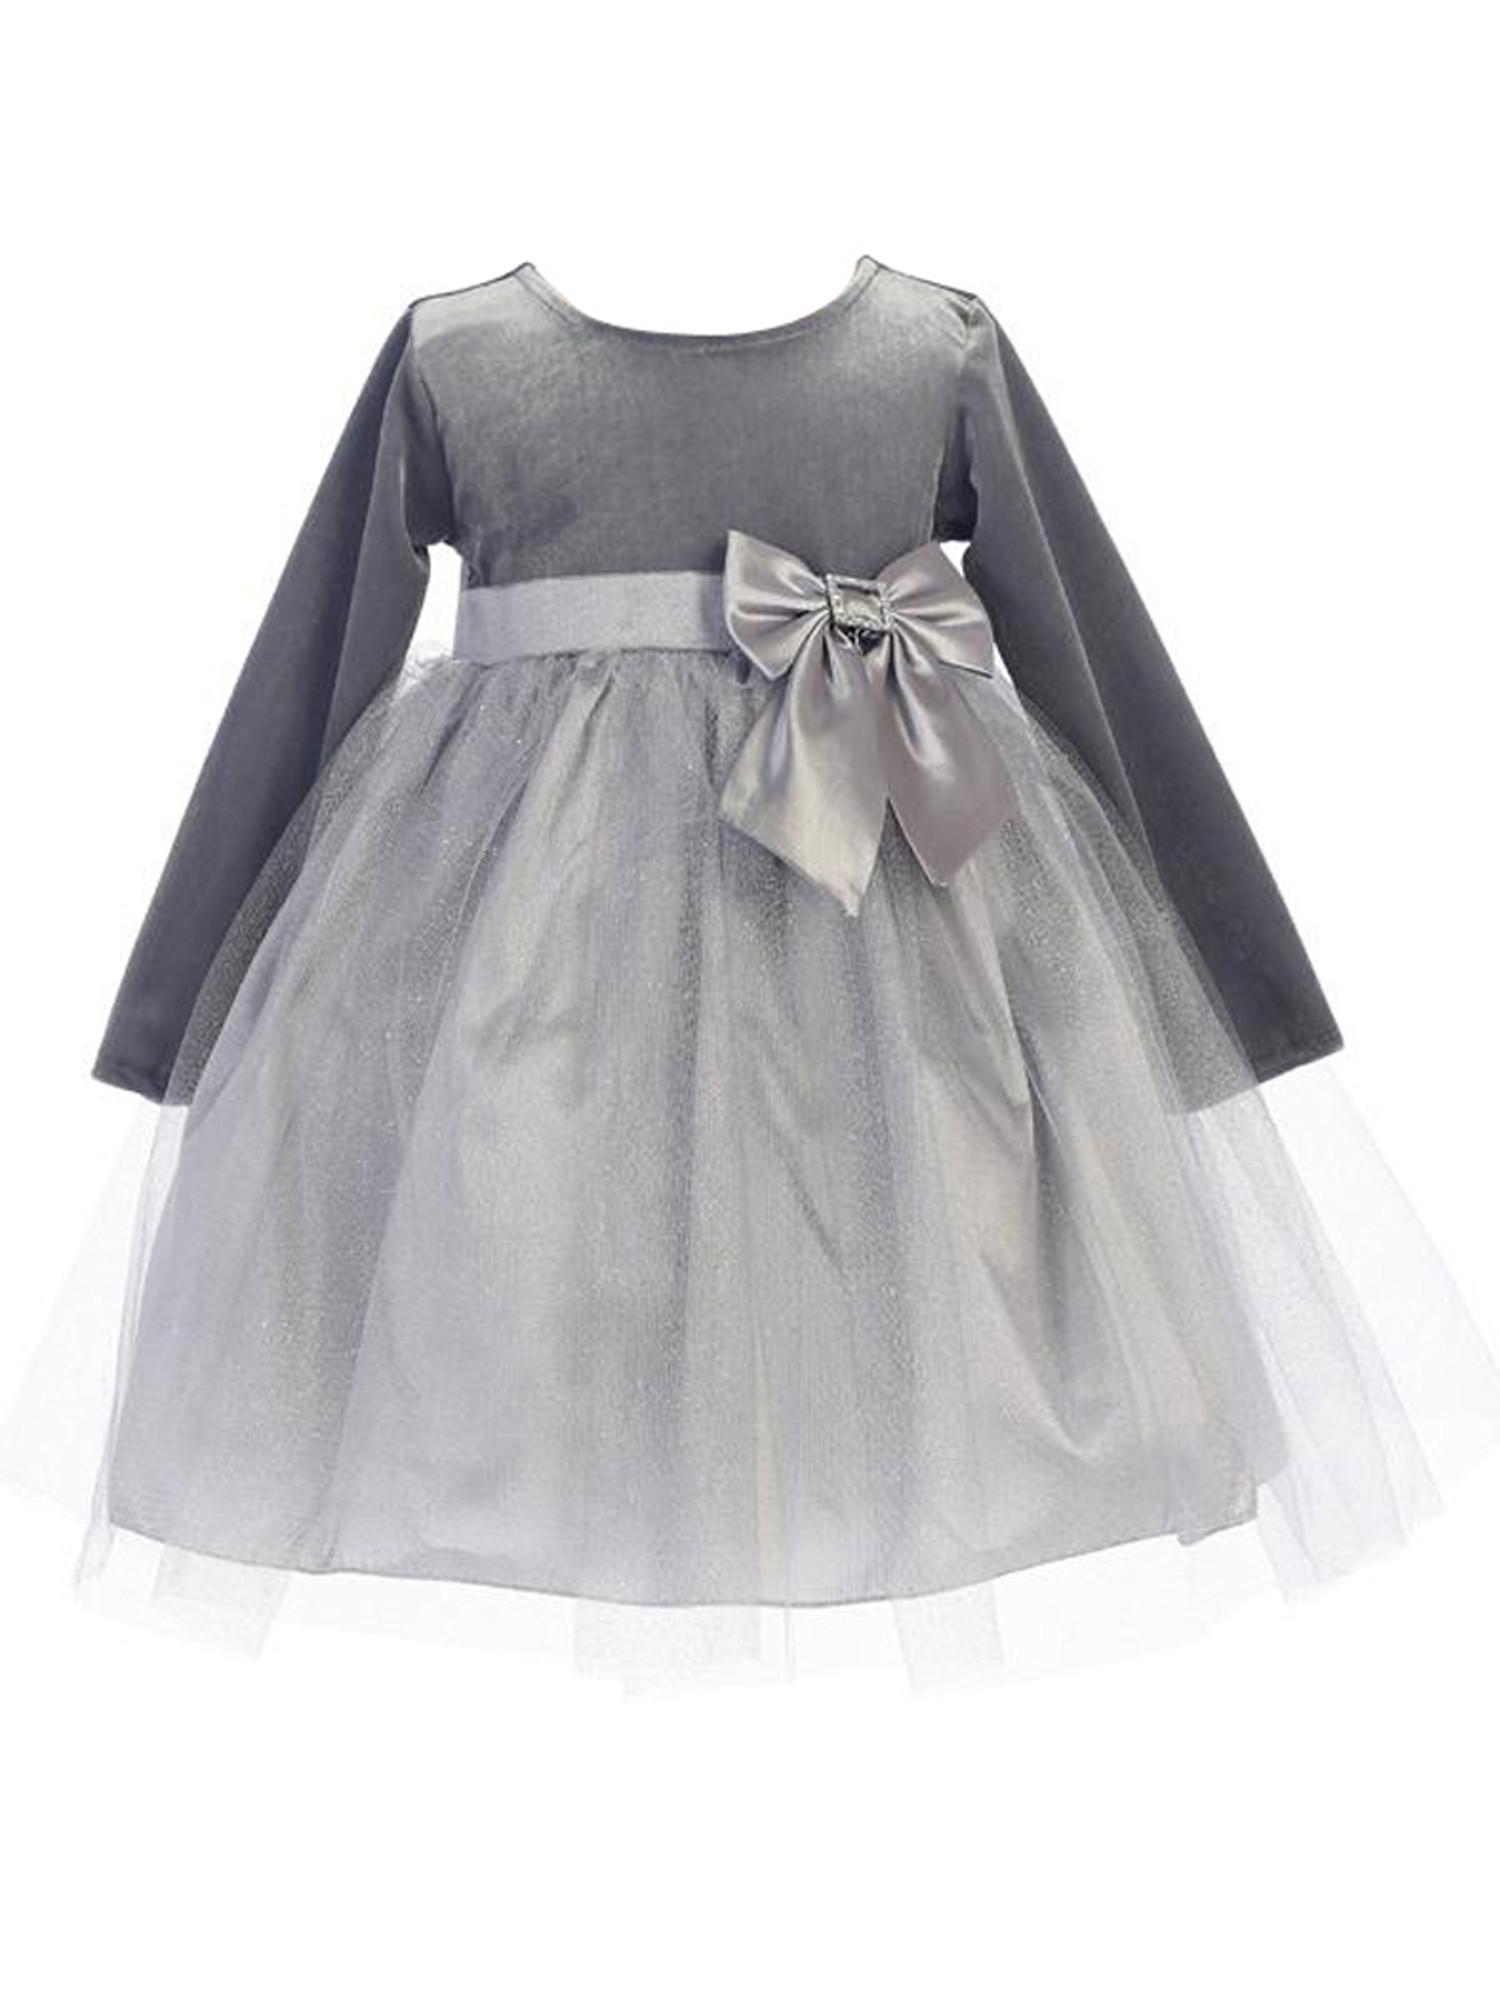 BIMARO Baby Samtkleid Emmi grau silber festlich Tüll Glitzersteine Schleife Kleid Samt Taufkleid Winter Taufe Weihnachten 001